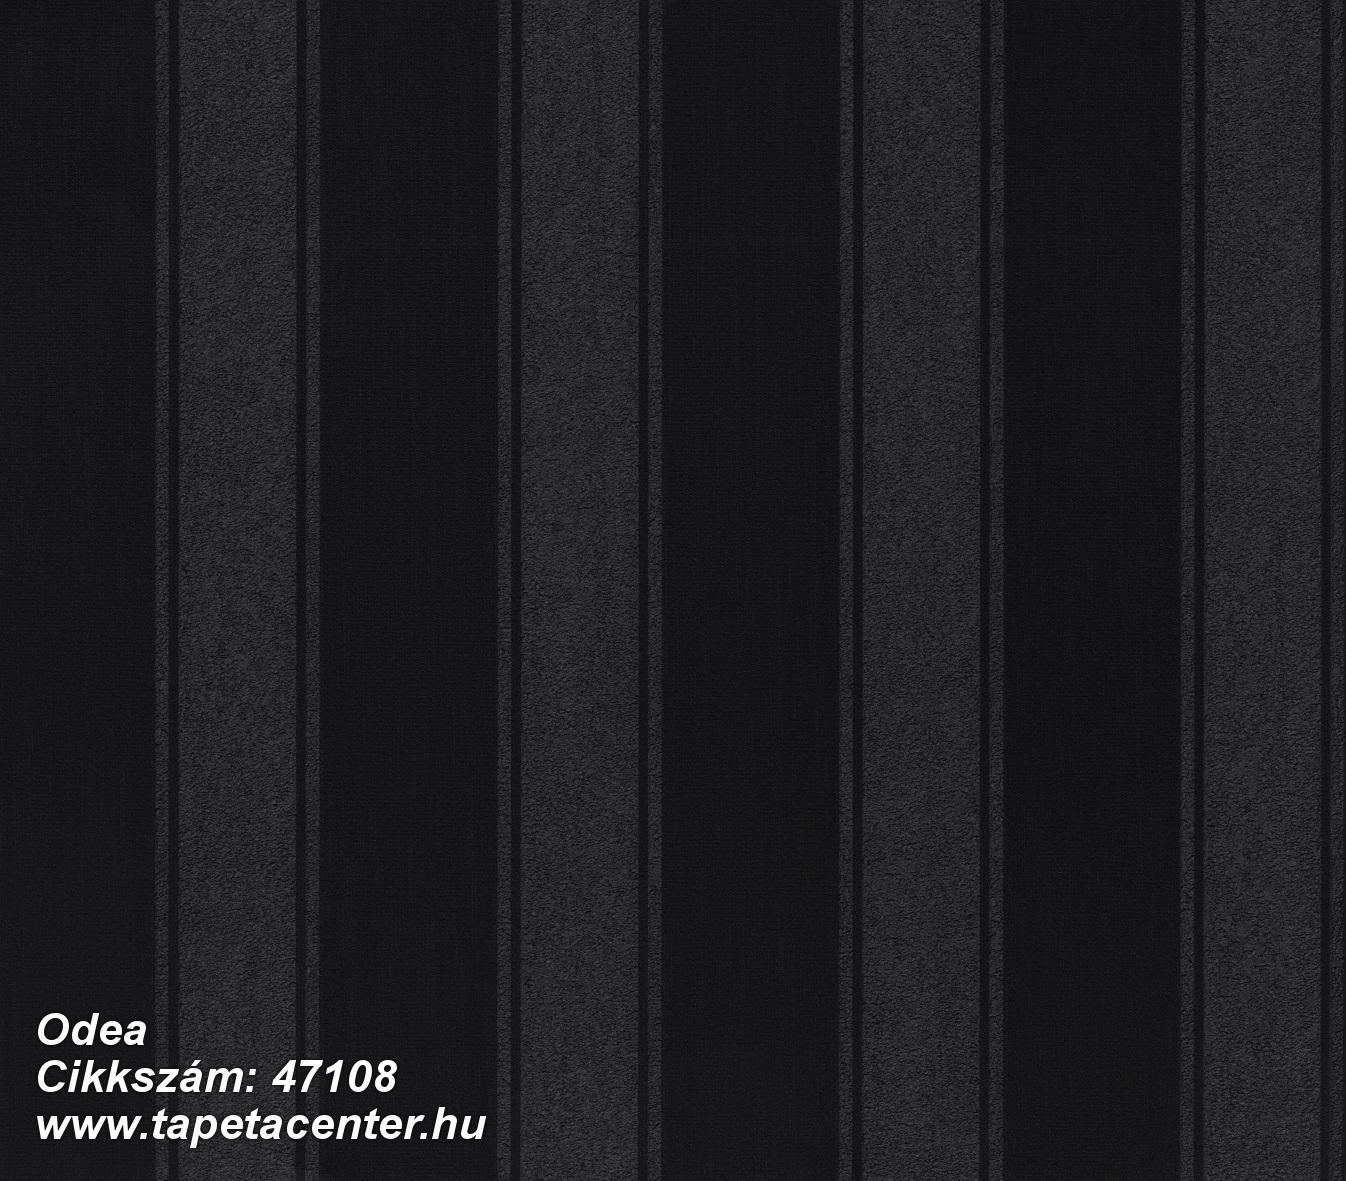 Odea - 47108 Olasz tapéta